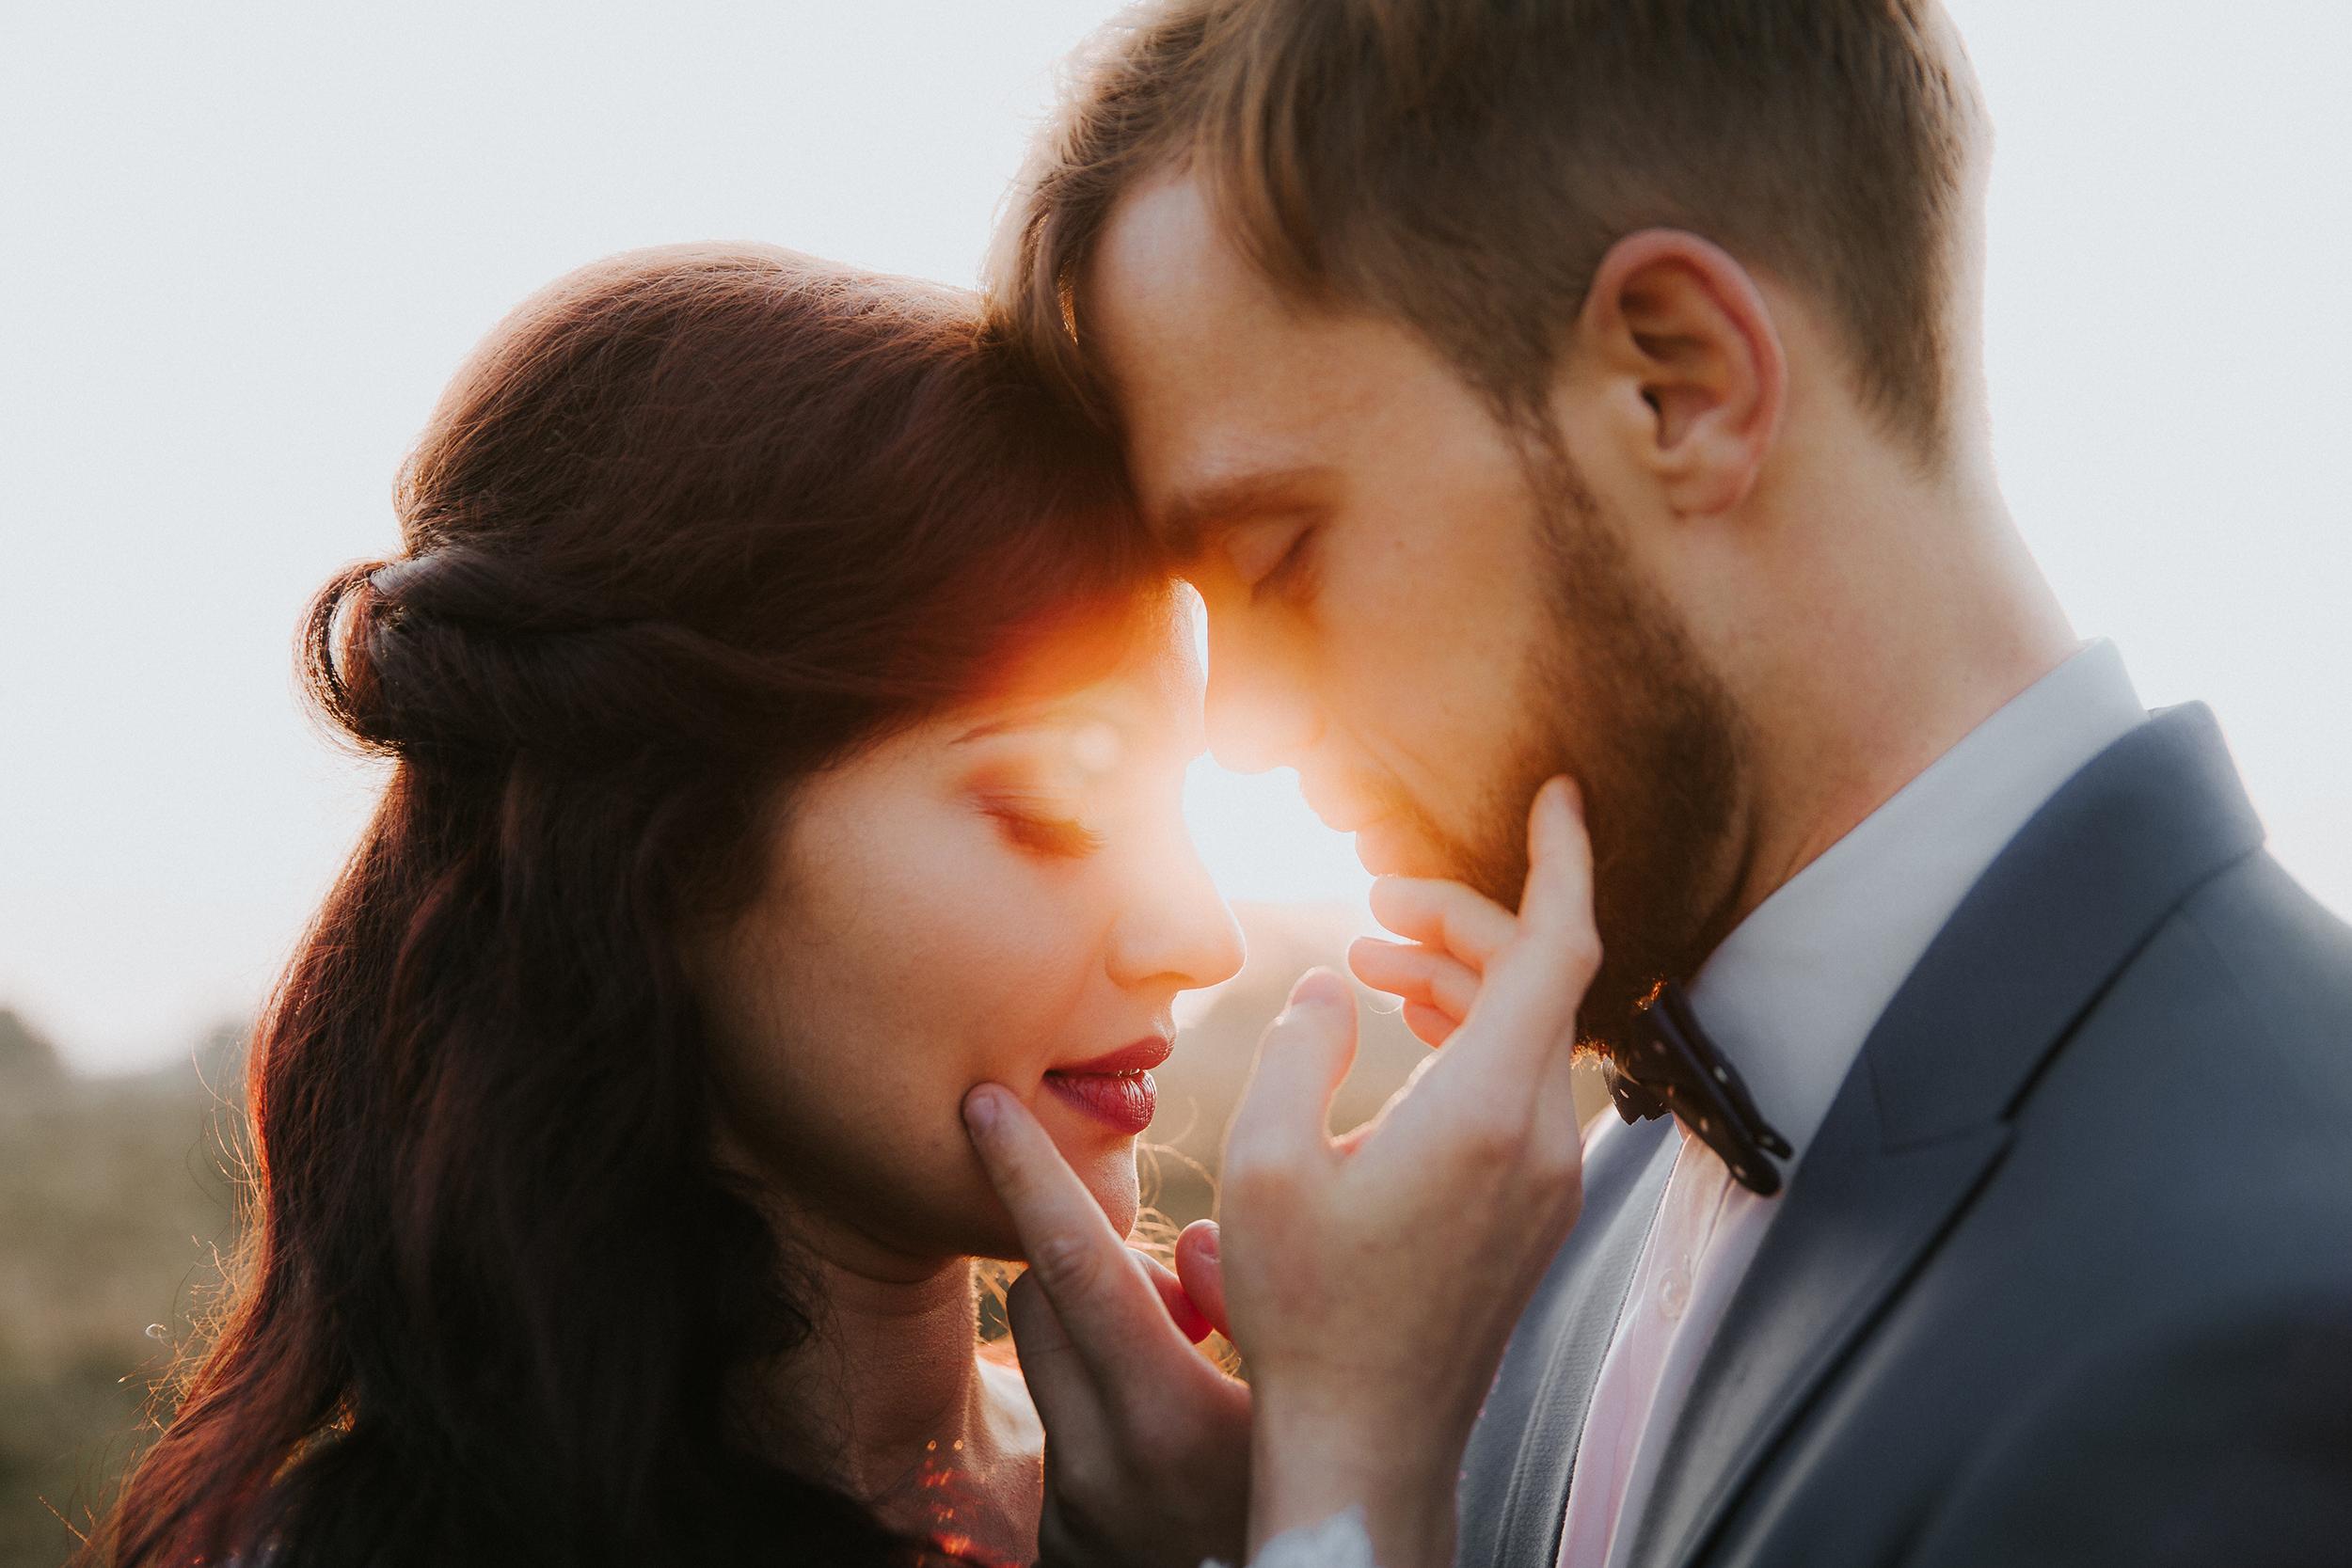 hej! - wchodząc na moją stronę zapoznajcie się z moim spojrzeniem na fotografię ślubną i jeśli okaże się, że nadajemy na tych samych falach… to koniecznie sprawdźcie moją dostępność, by dowiedzieć się, czy mogę być z Wami na Waszym ślubie, zaręczynach, sesji… <3w celu zapoznania się z ofertą wypełnijcie proszę formularz poniżej - ofertę wyślę najszybciej, jak to możliwe.ola